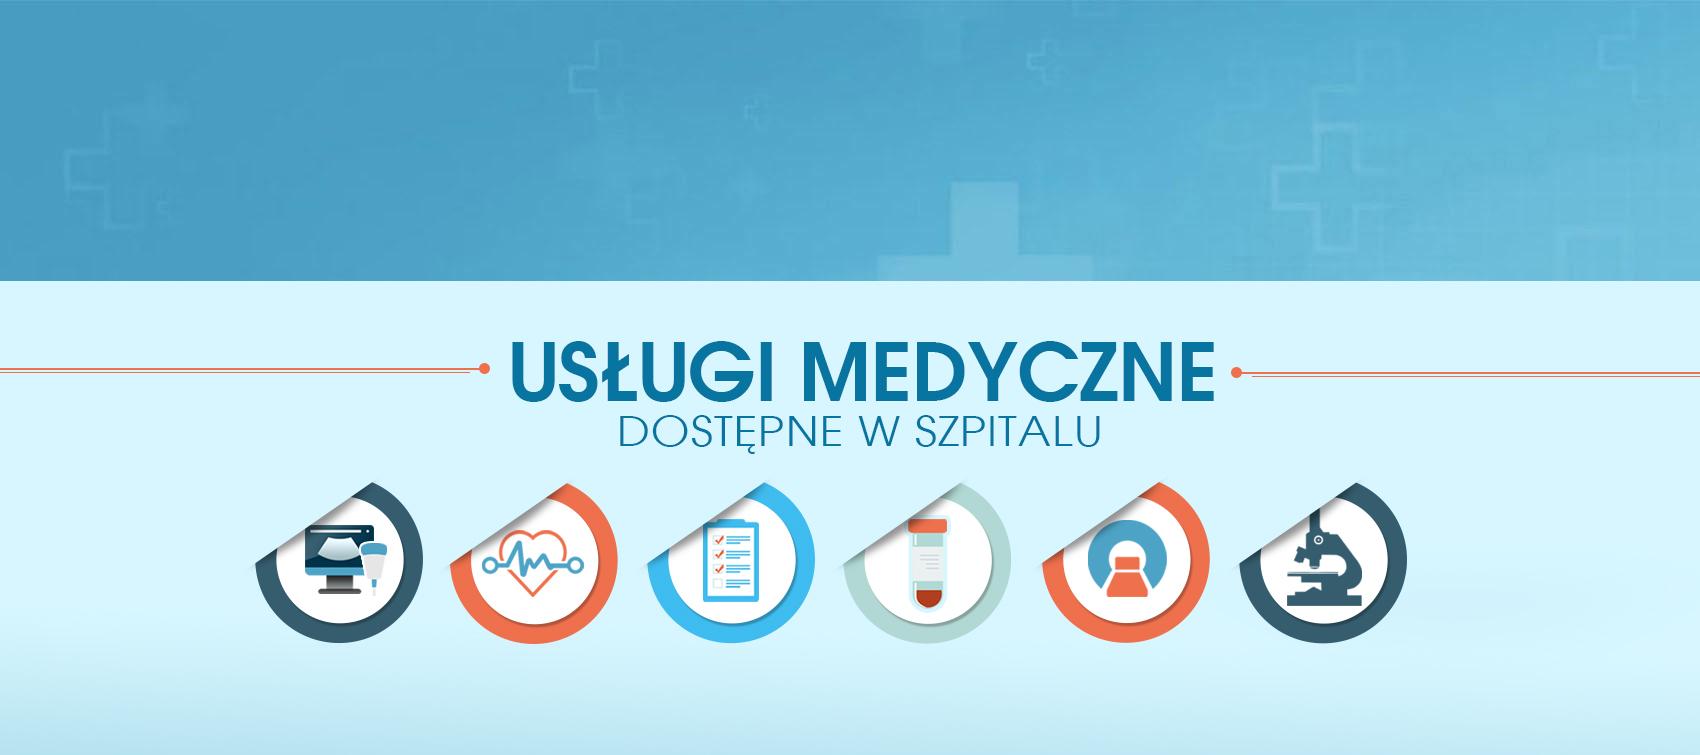 Usługi medyczne slajder